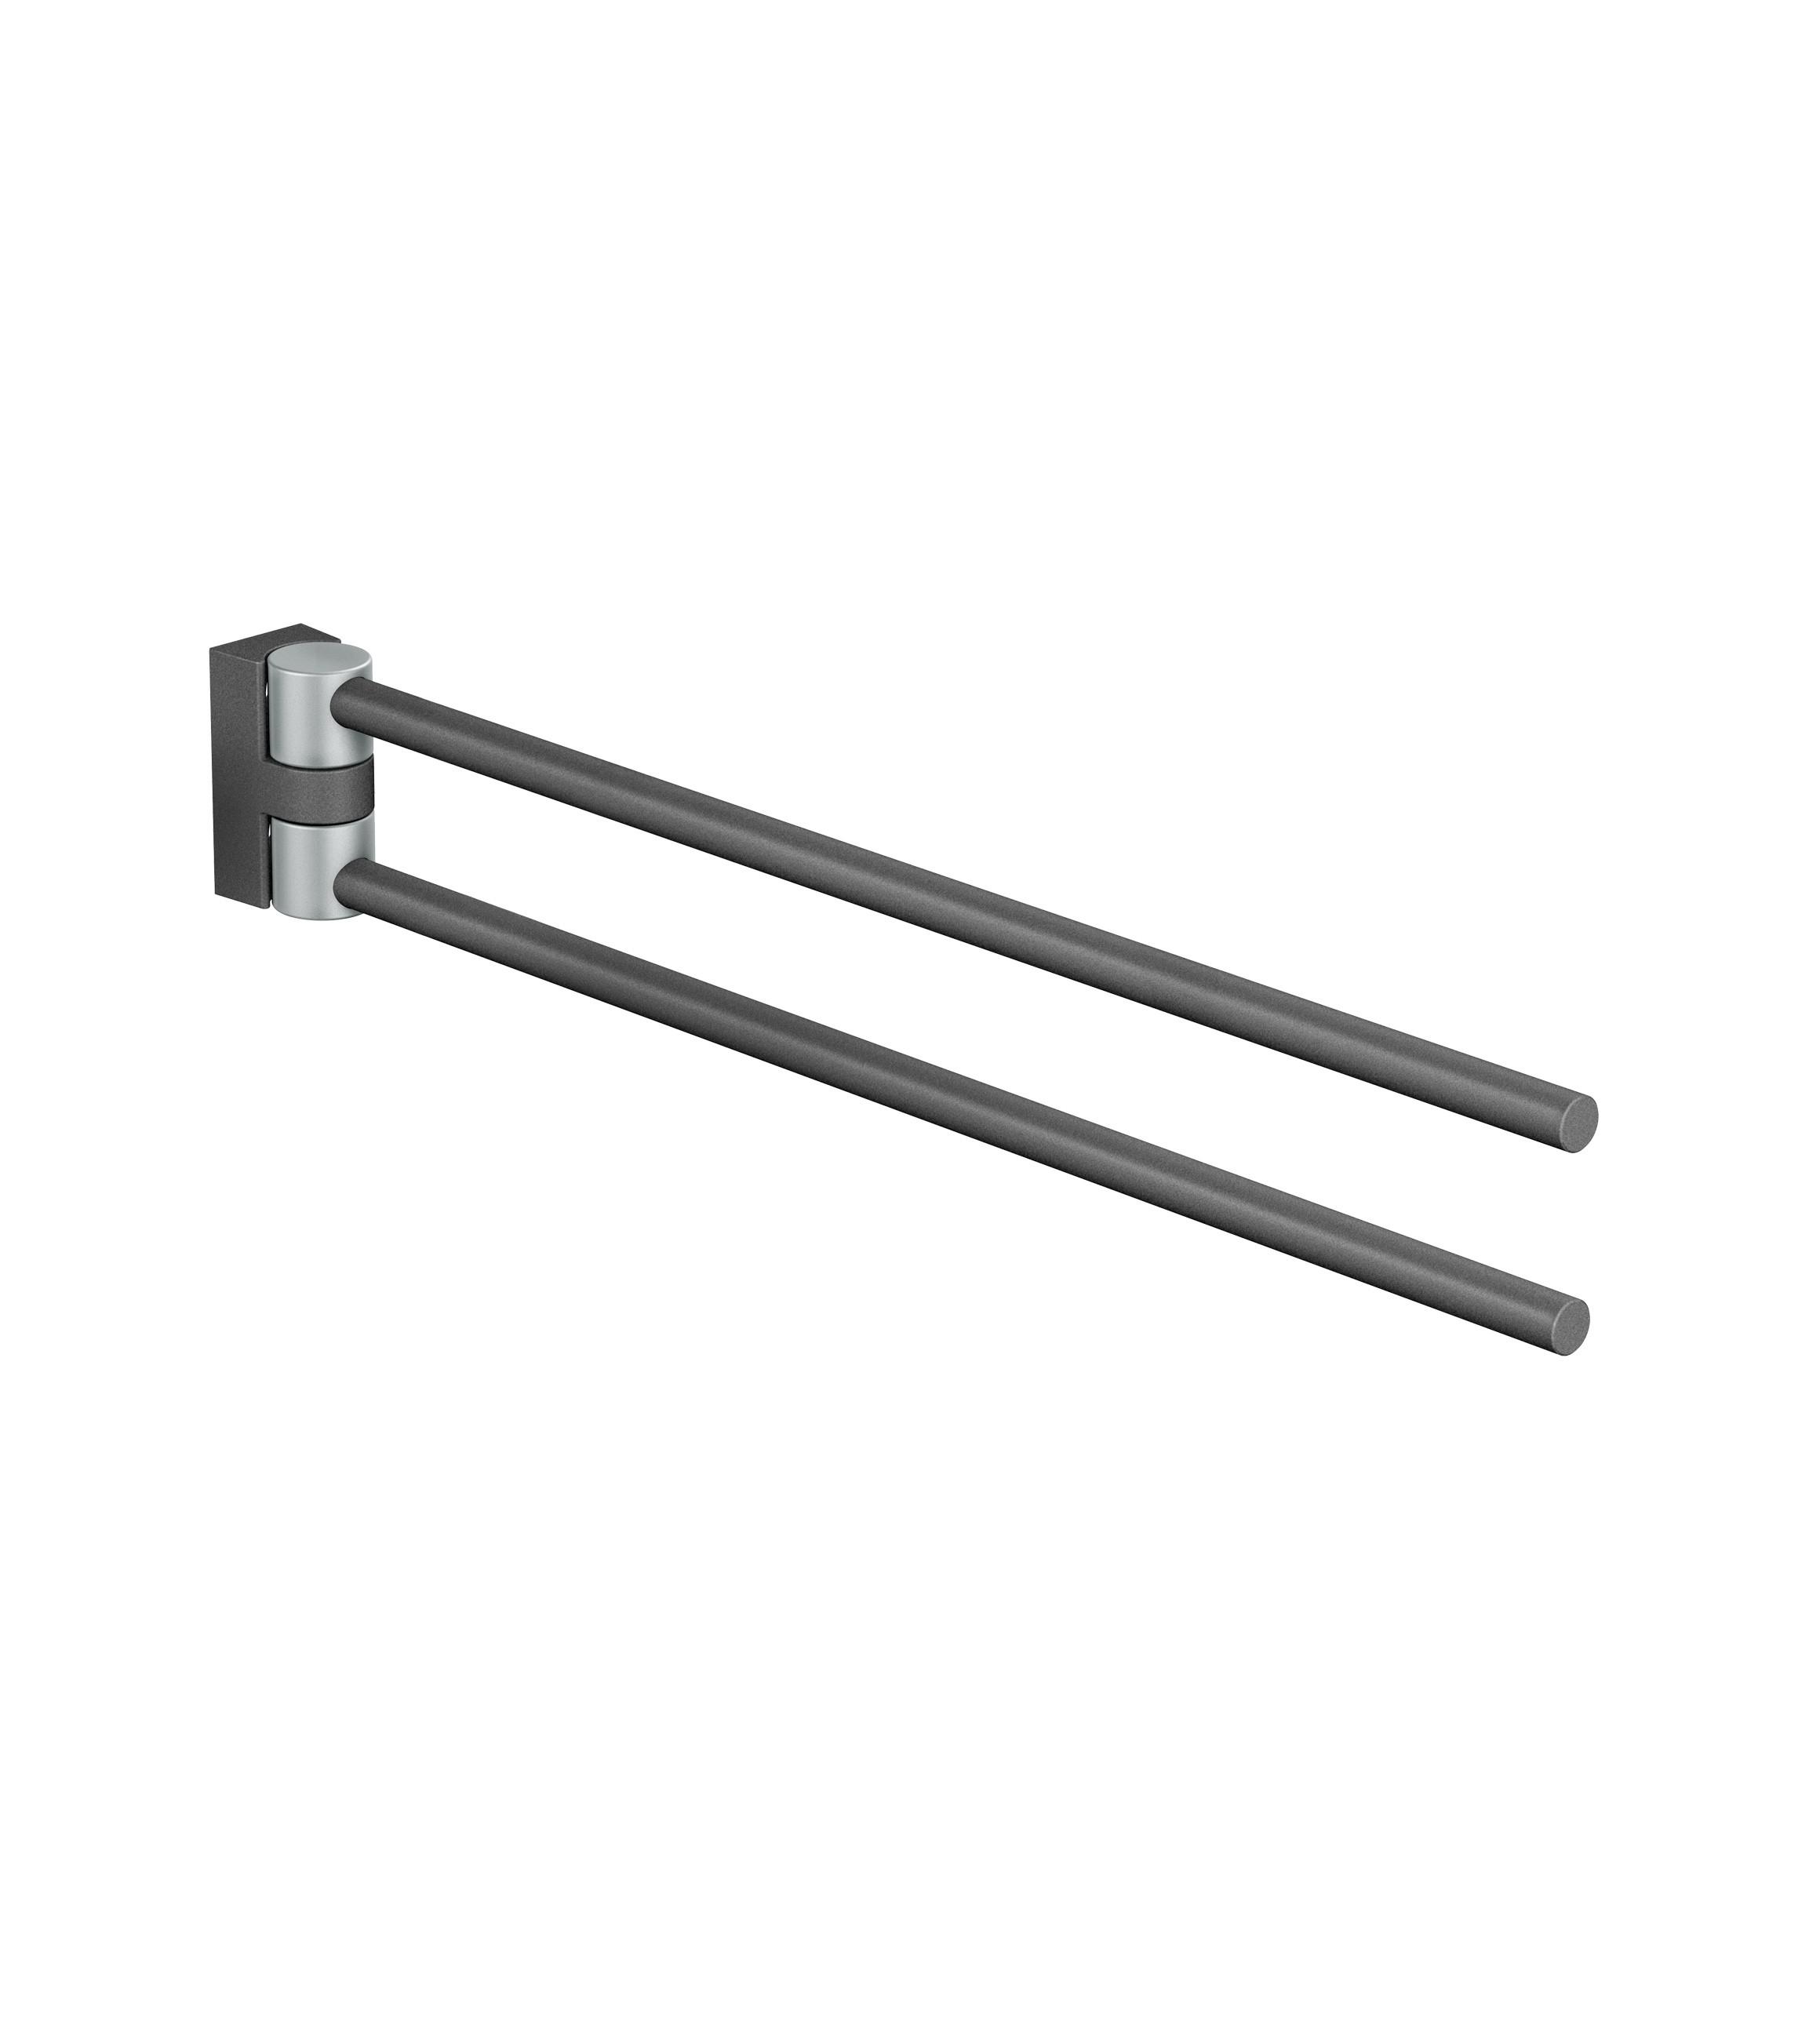 FSB Handtuchhalter zweifach A100 Stützen Aluminiumgrau metallinksc Stange Anemonenweiß (0 82 8460 00002 8223)